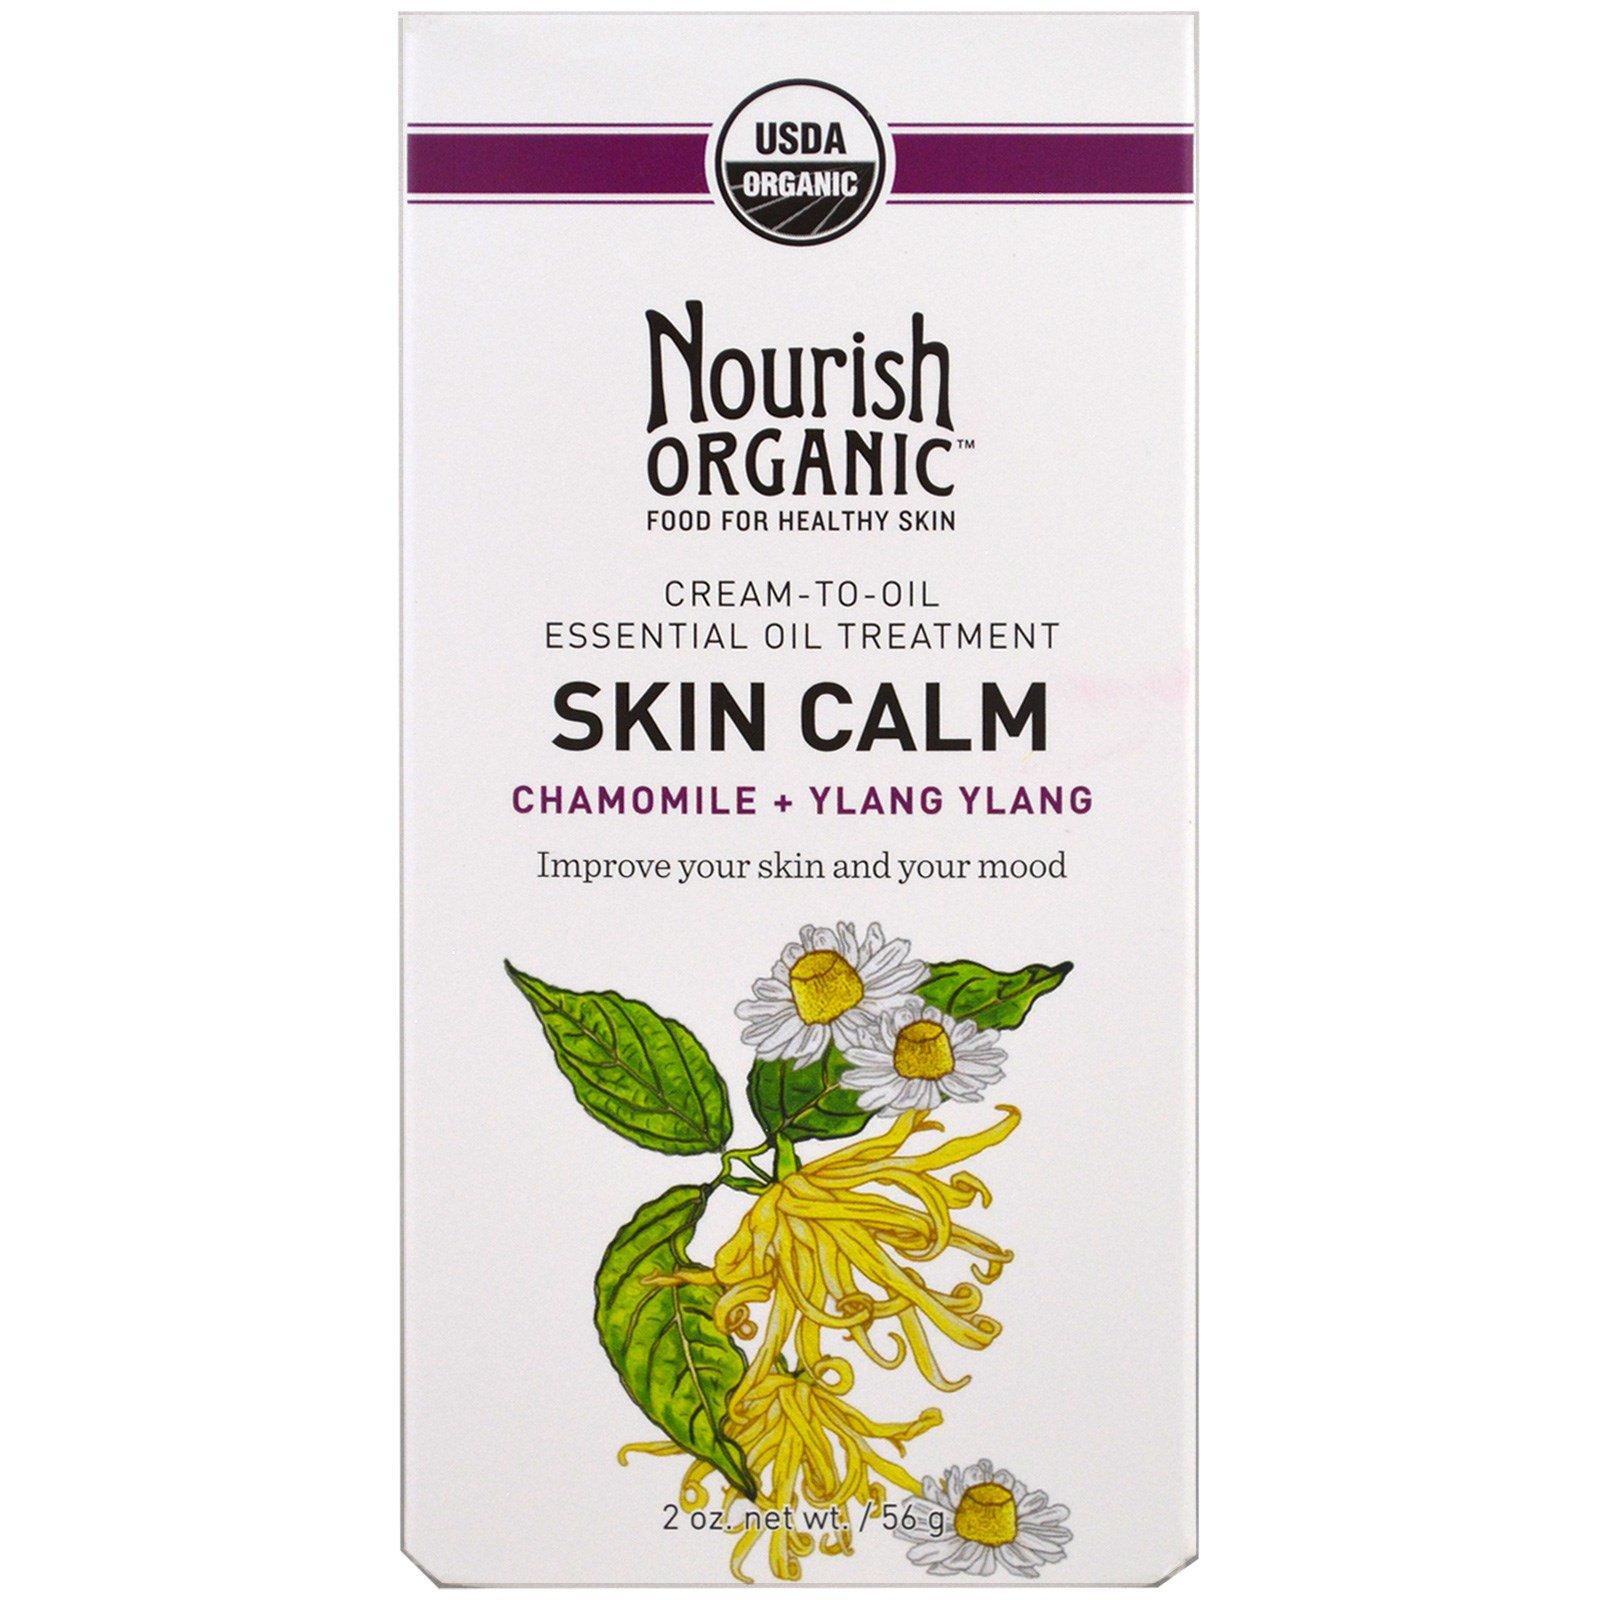 Nourish Organic, Skin Boost, Lemon + Cassia, 2 oz(pack of 1) Softlips Lip Protectant/Sunscreen SPF 20, Value Pack, Vanilla 2 Each (Pack of 6)